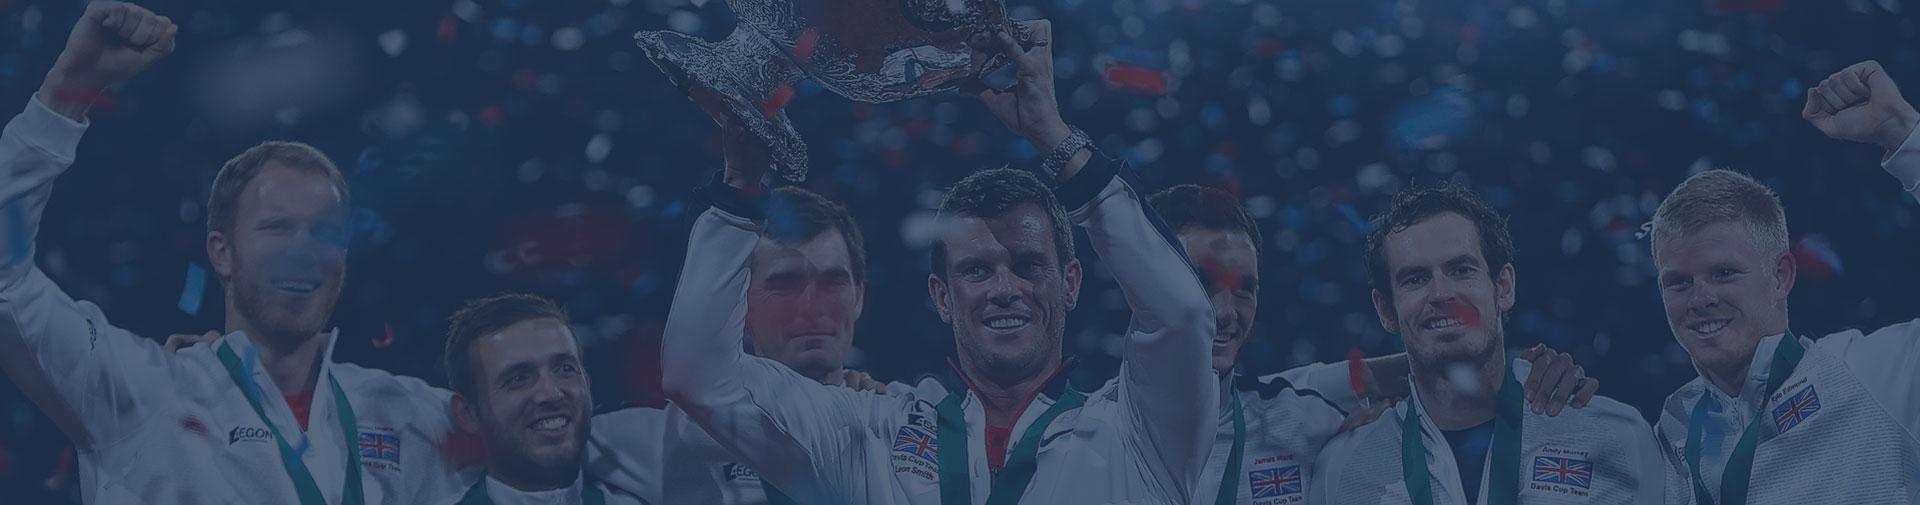 Davis Cup 2015 Trophy Celebrations